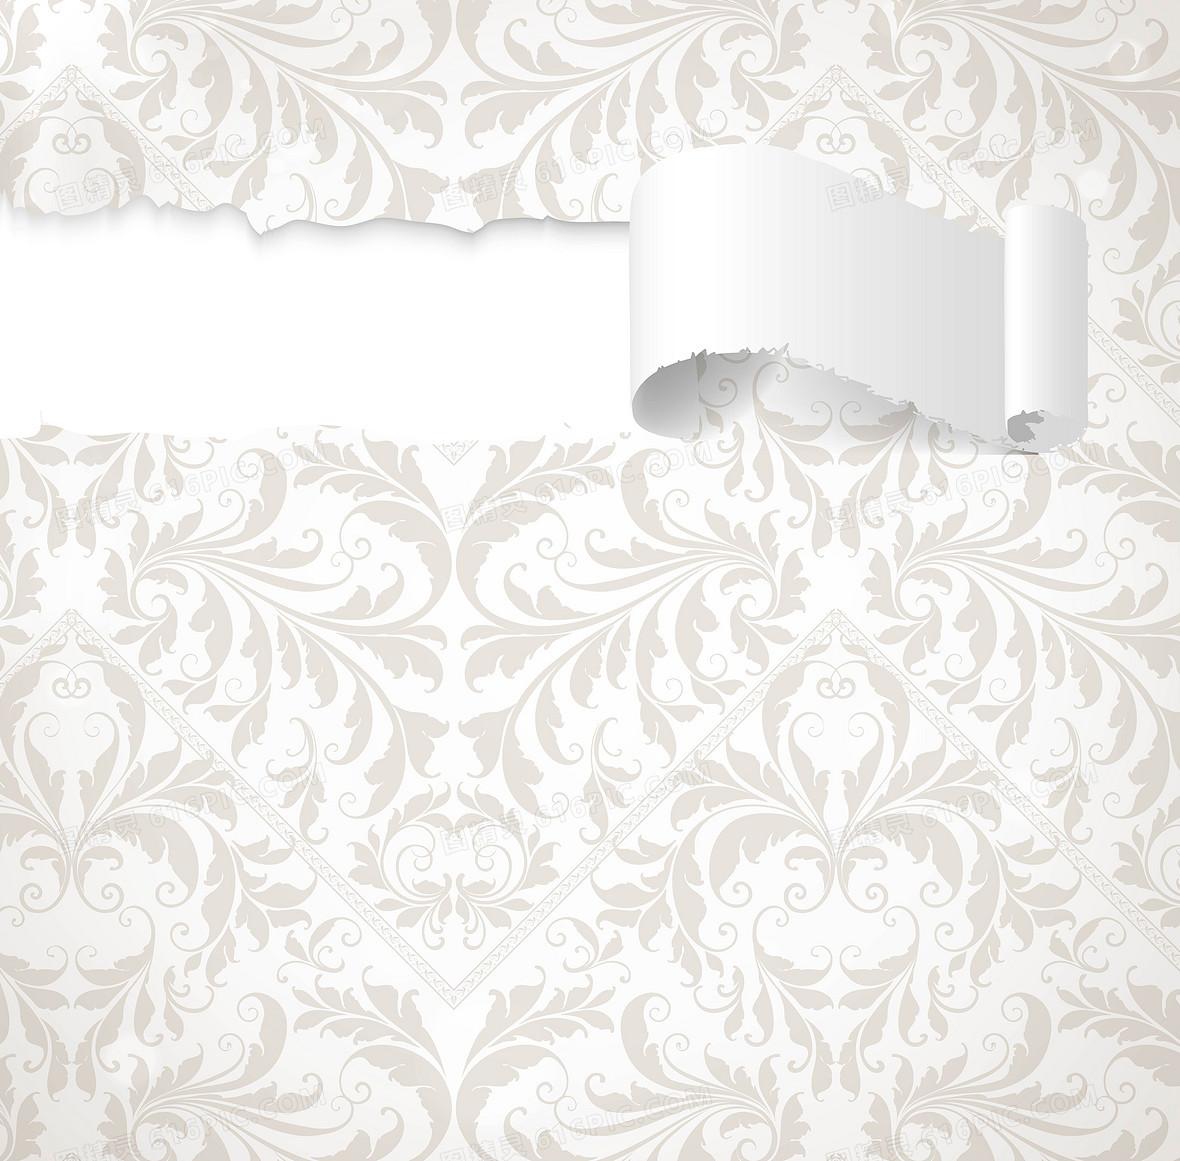 矢量欧式花纹墙壁木地板立体背景